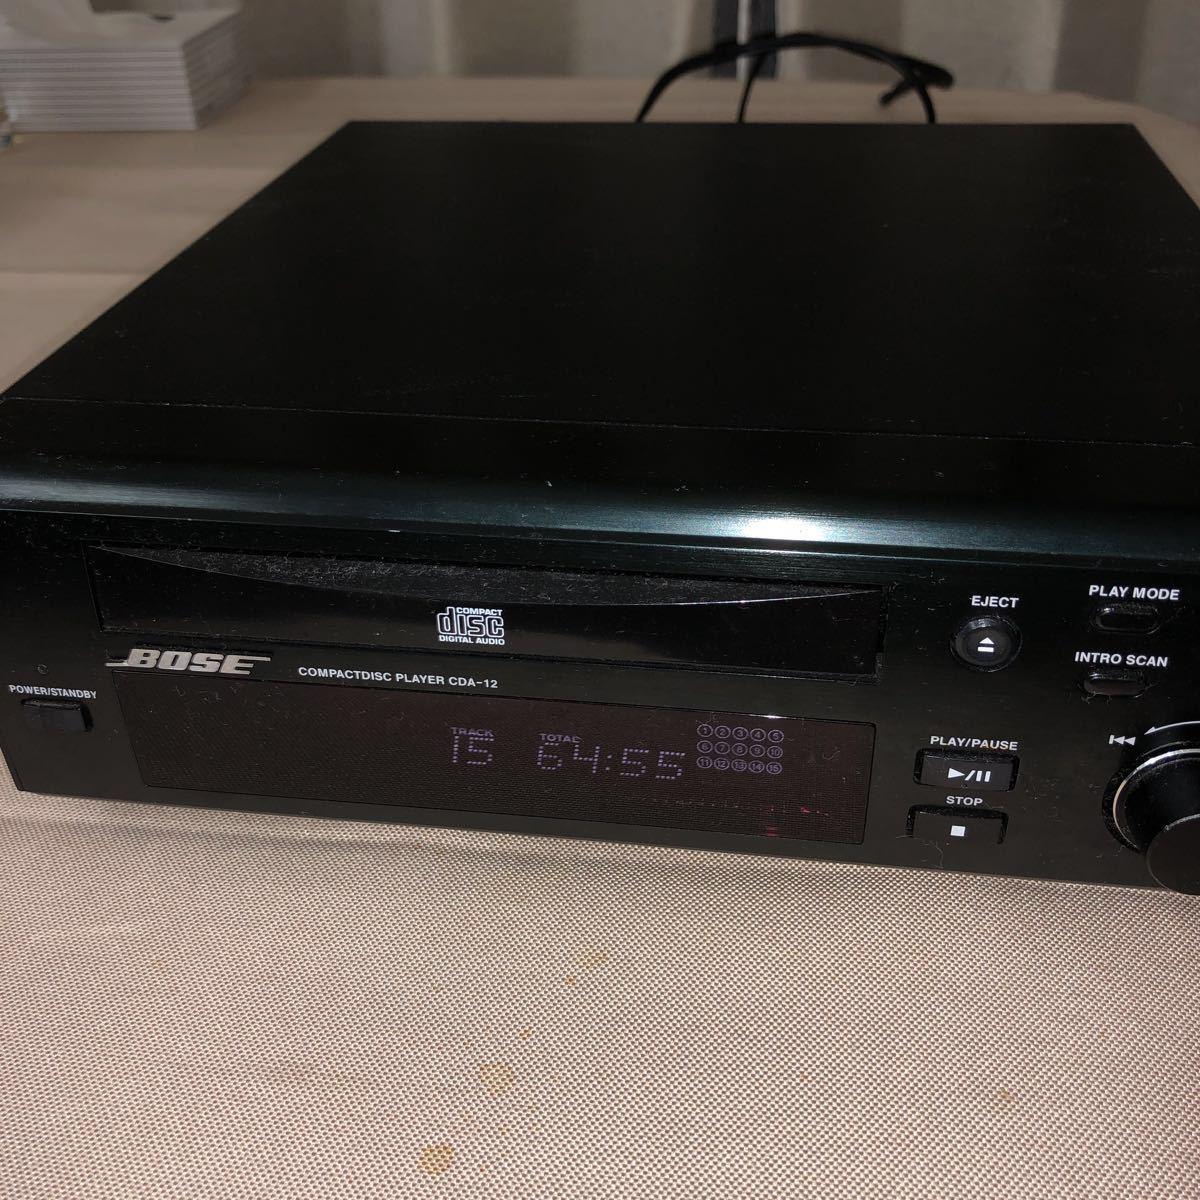 BOSE CDプレーヤー CDA-12 アメリカンサウンドシステム ジャンク品